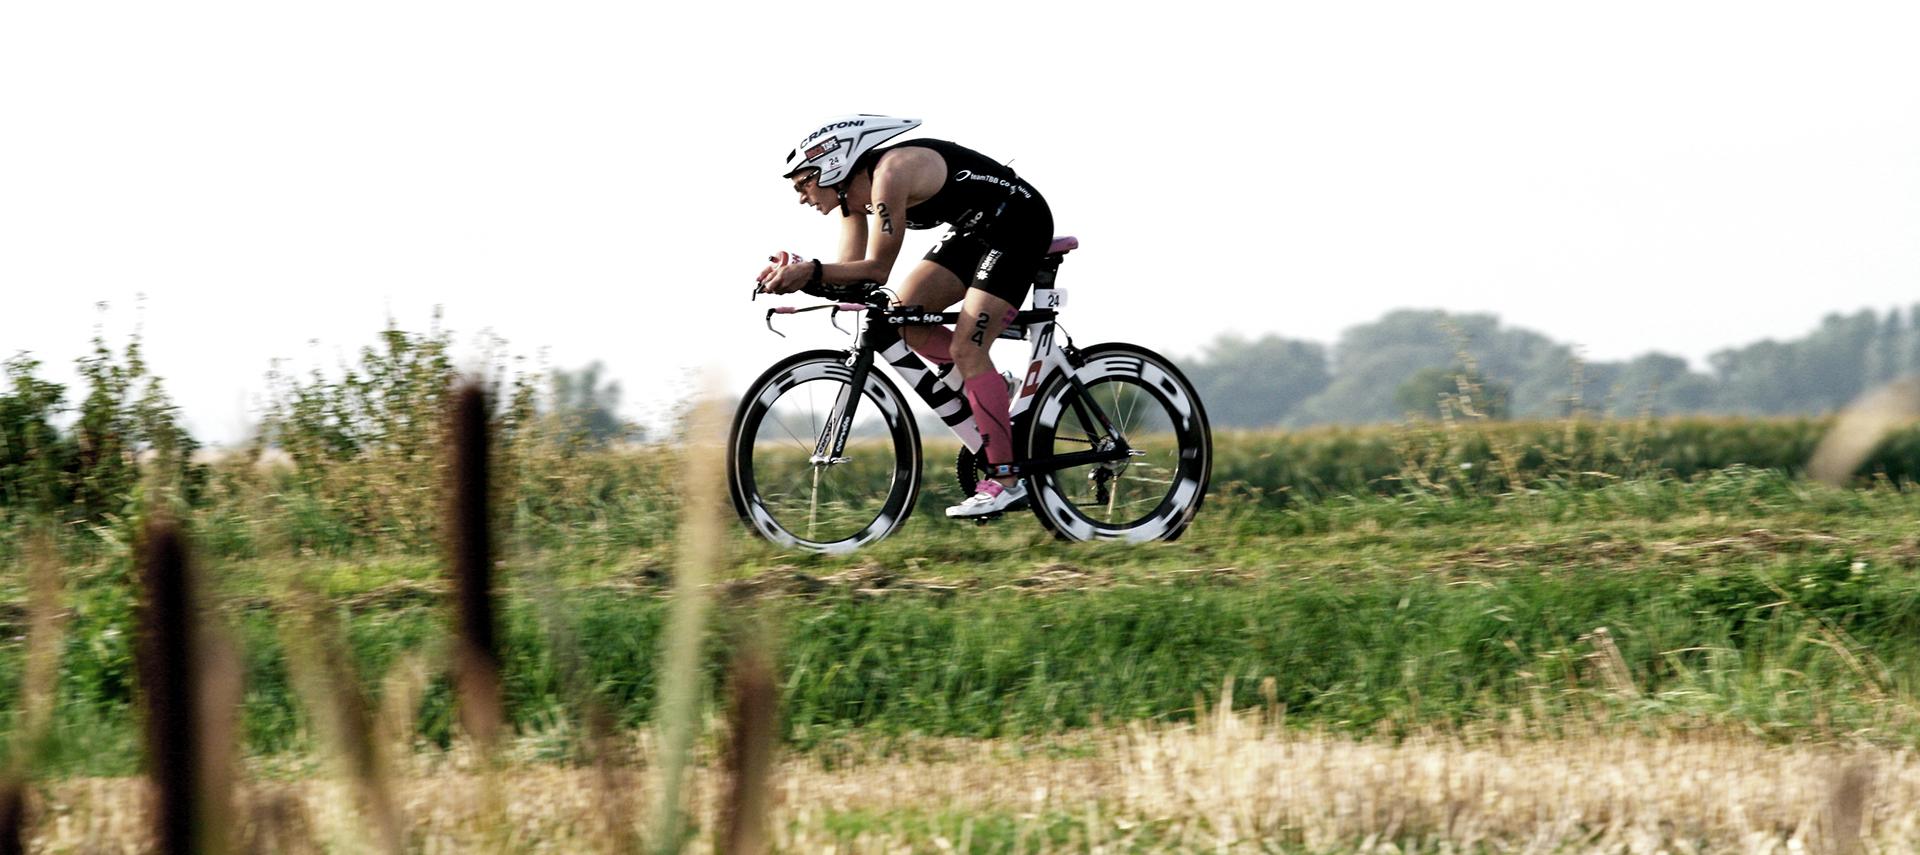 Diana Riesler auf dem Weg zu ihrem Europameistertitel 2013 über die ITU Langdistanz beim Challenge Vichy.